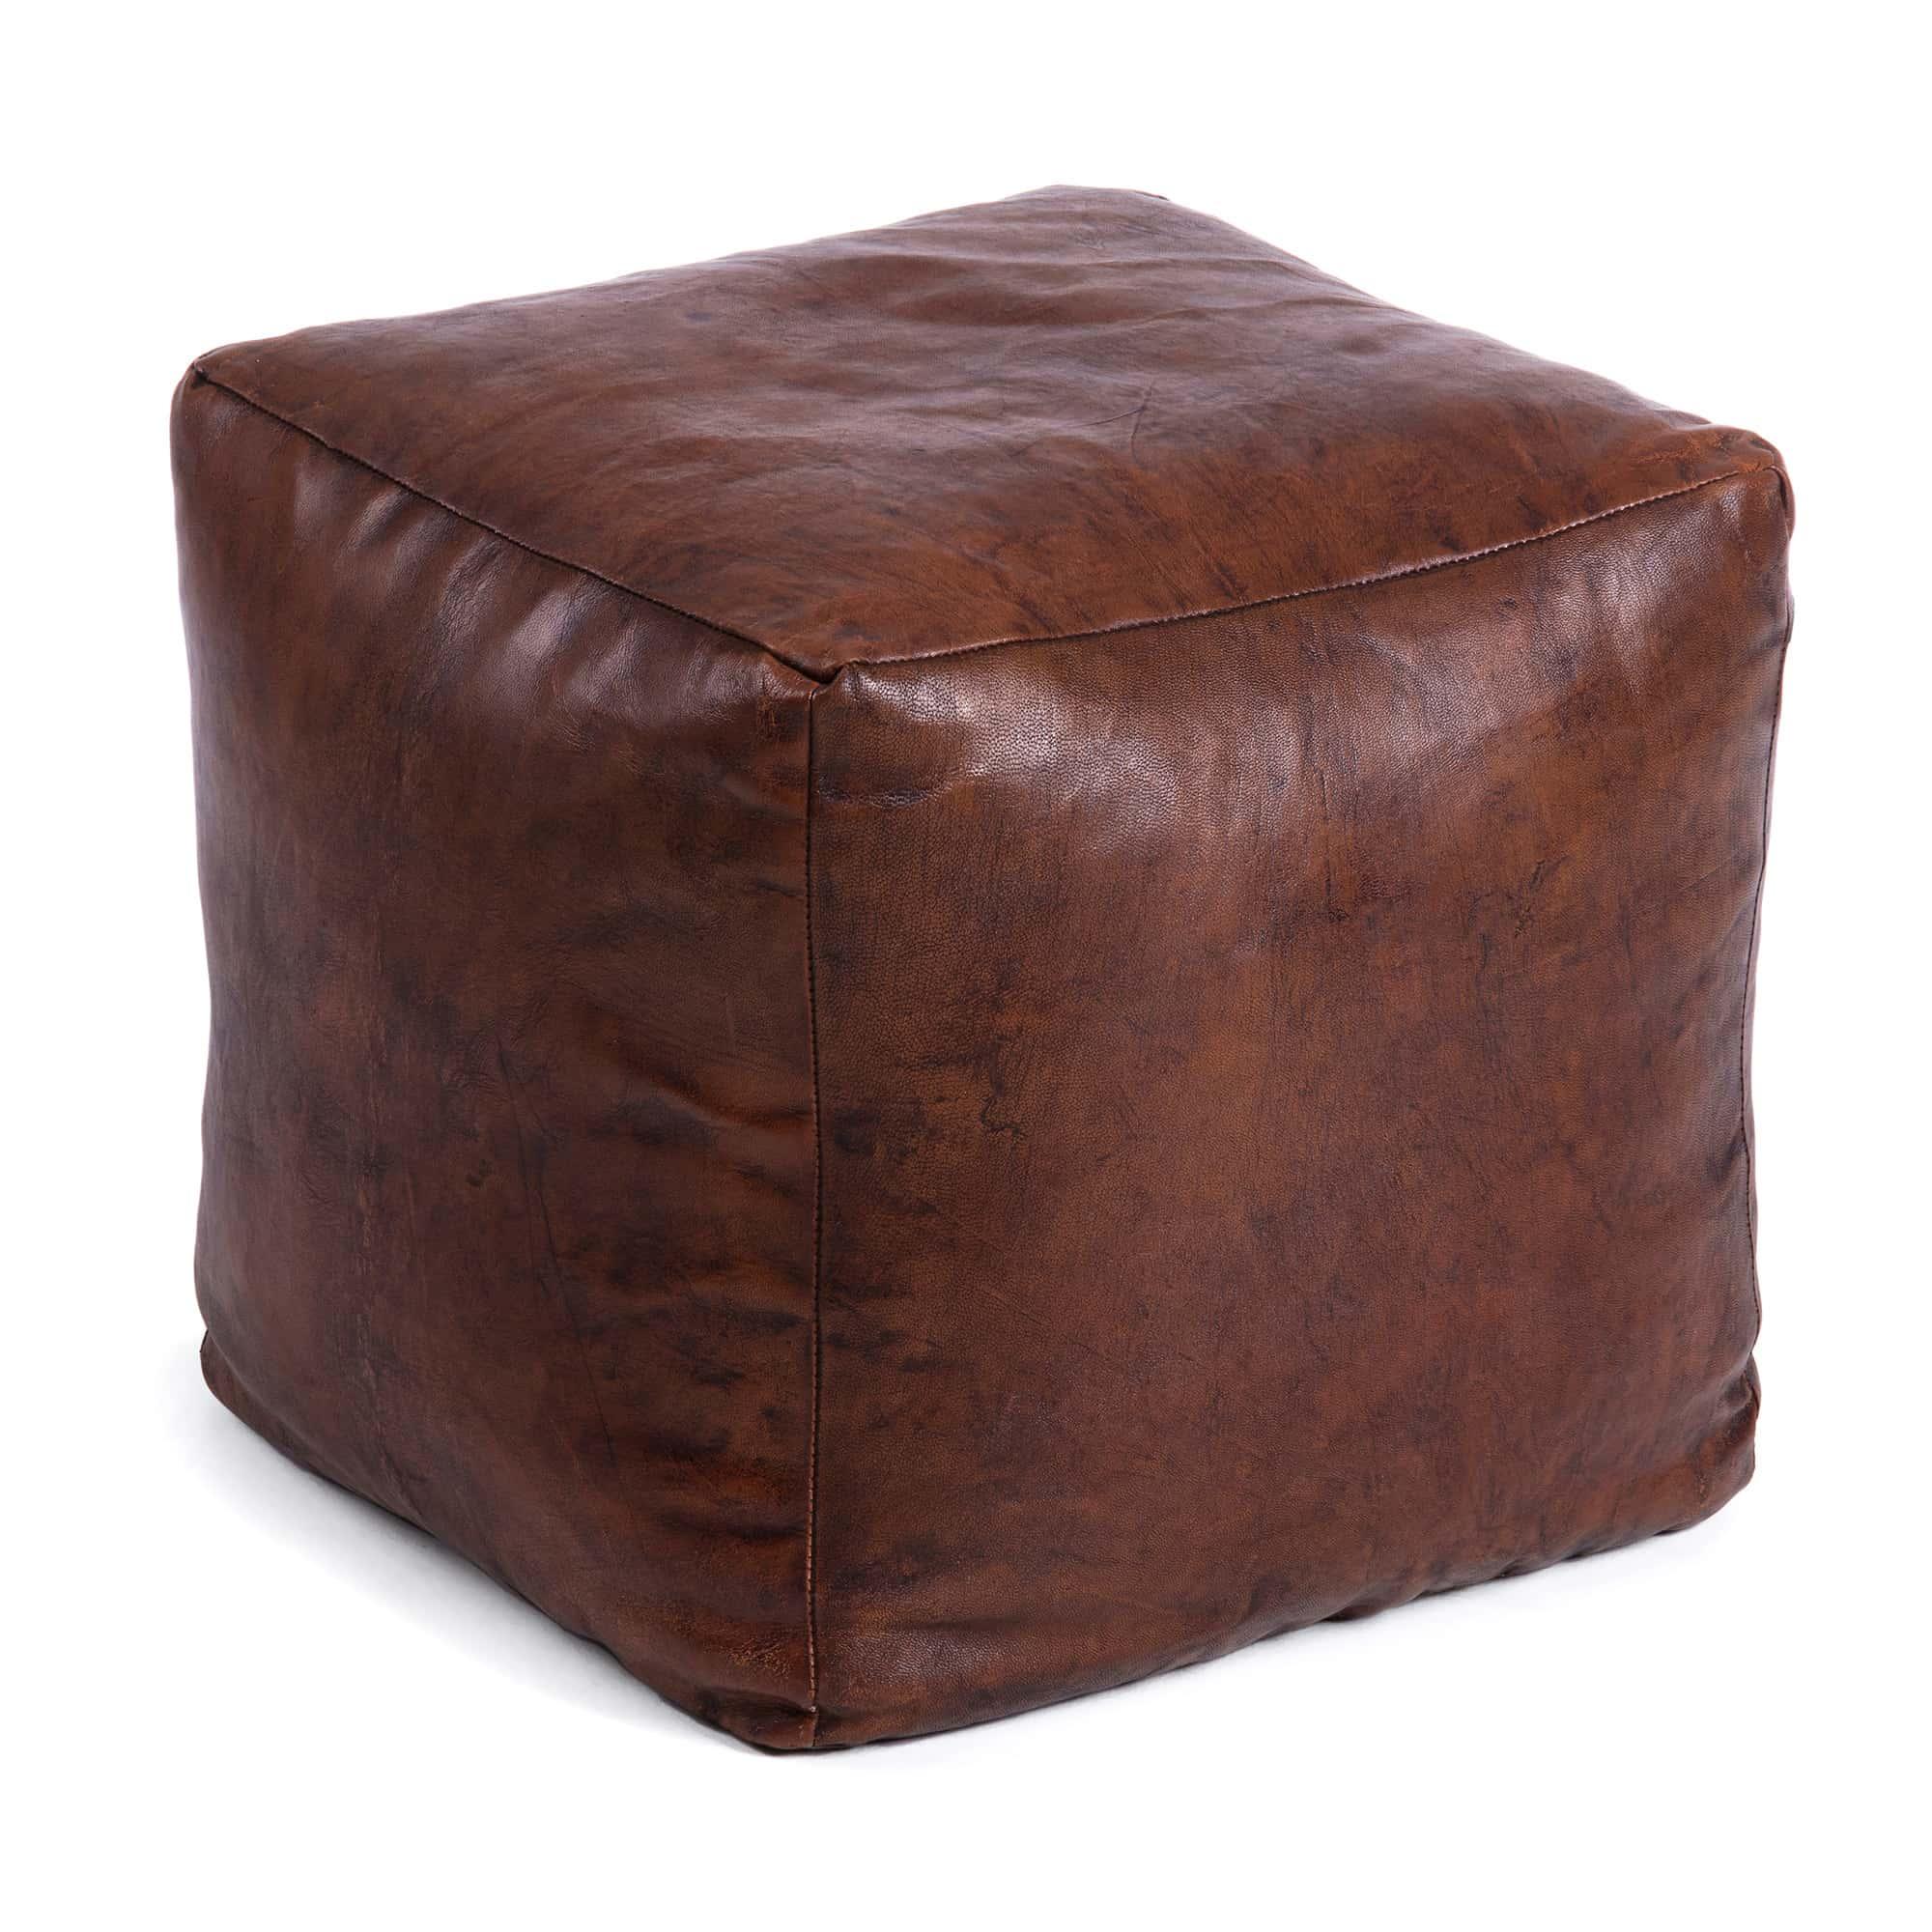 LAFORMA Hemma puf - mørkebrun læder, kvadratisk (47x47x47)